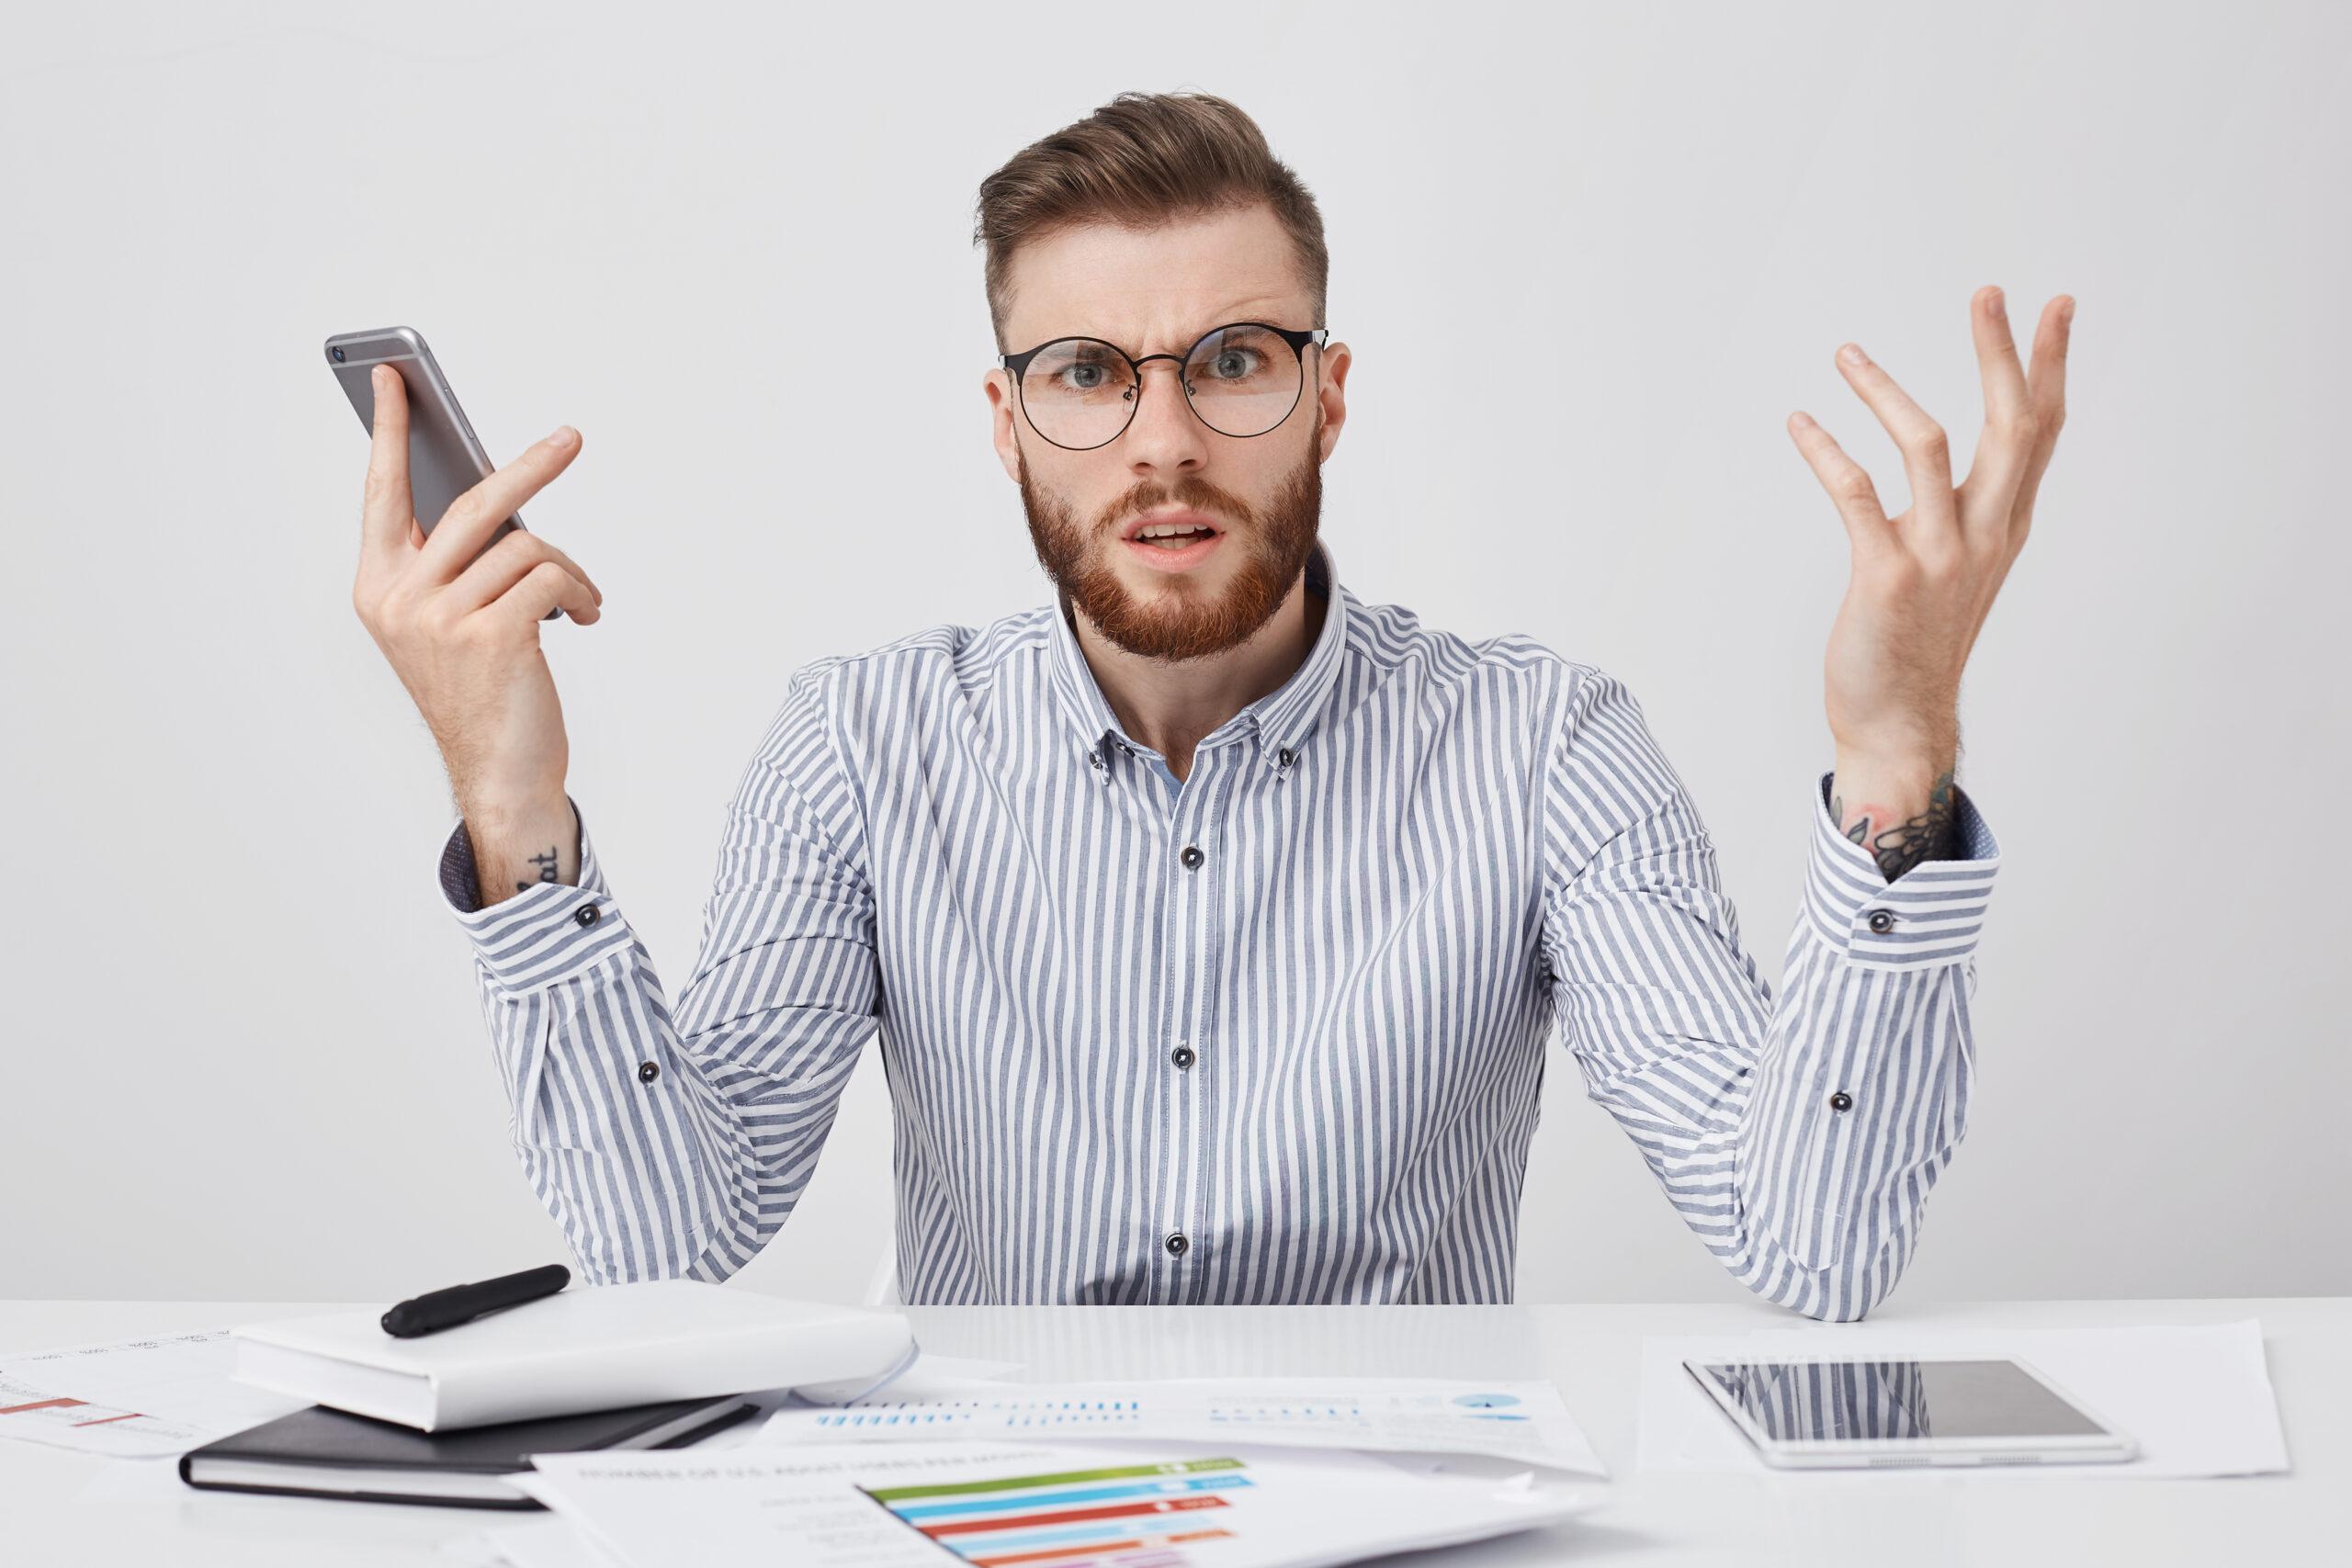 Los errores más comunes en las entrevistas de trabajo y cómo corregirlos